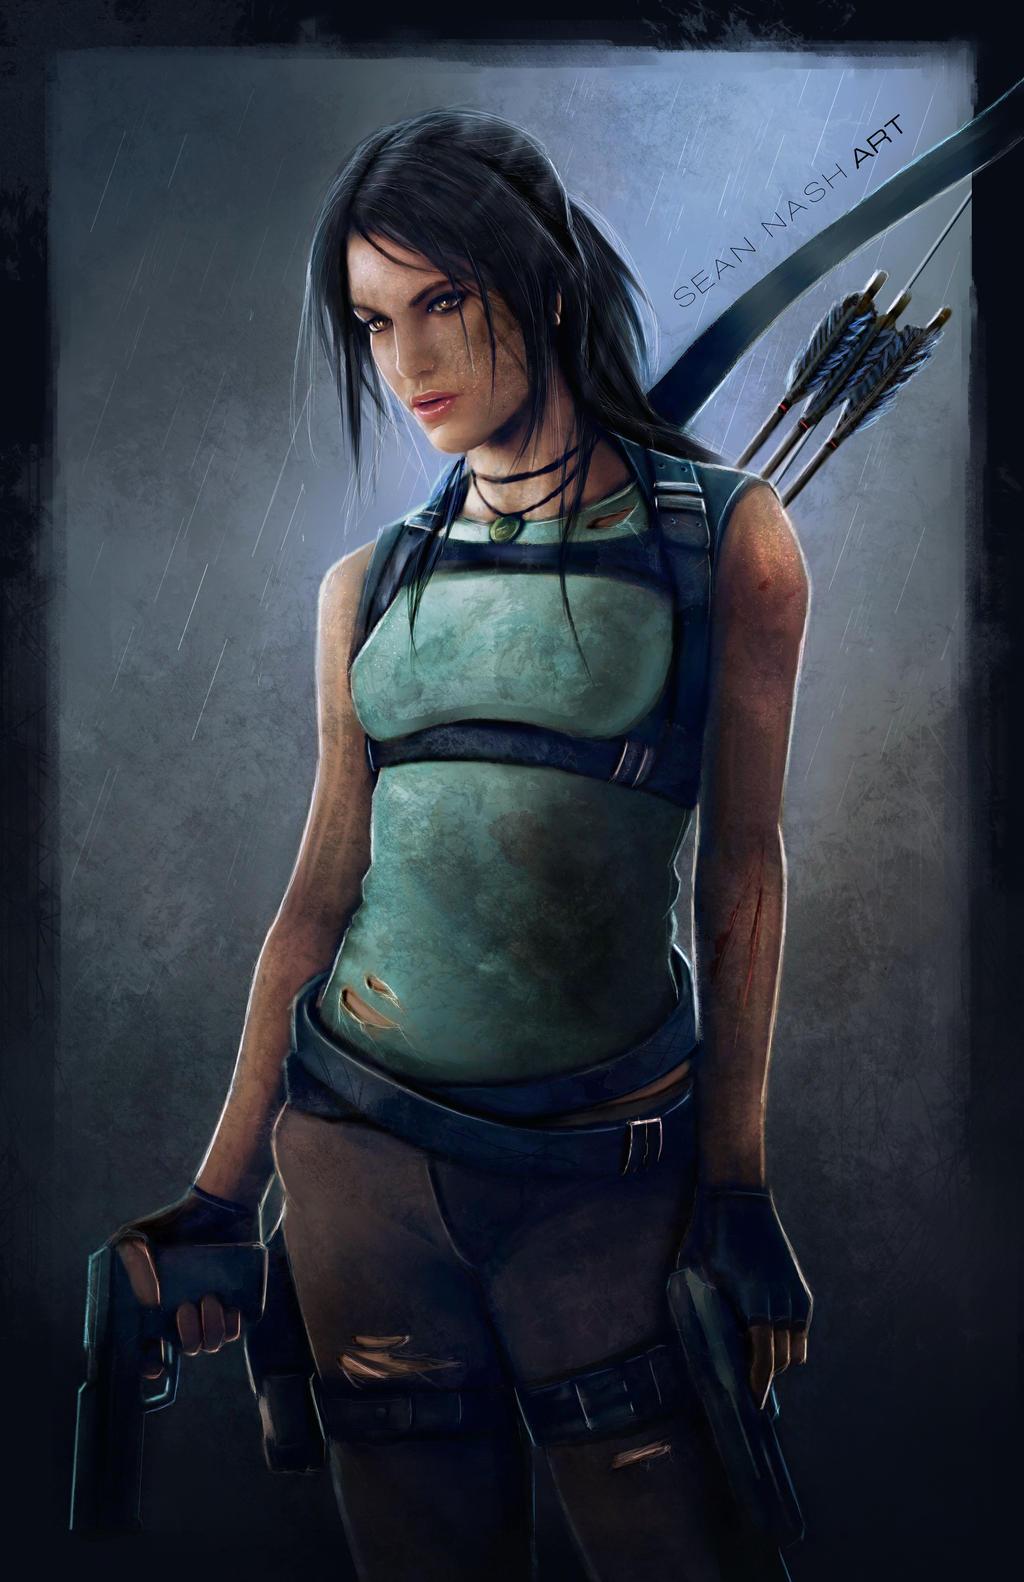 Lara Croft by SeanNash